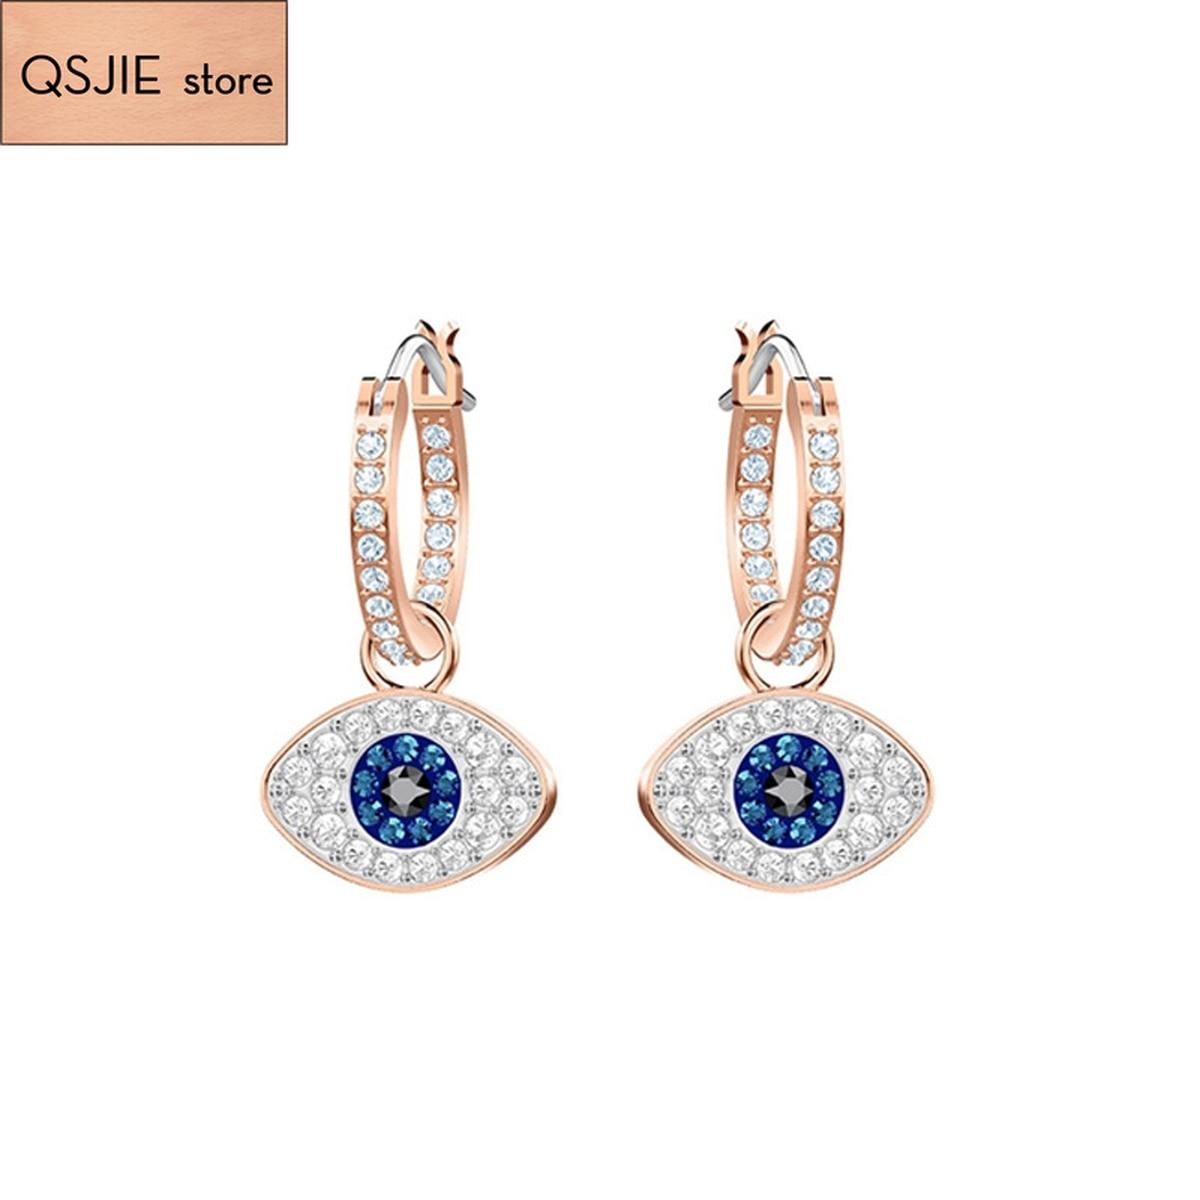 Wysokiej jakości Swa niebieskie z cyrkonią DUO pierścionek z oczkiem kolczyki wielobarwne różowe złoto oryginalne kolczyki